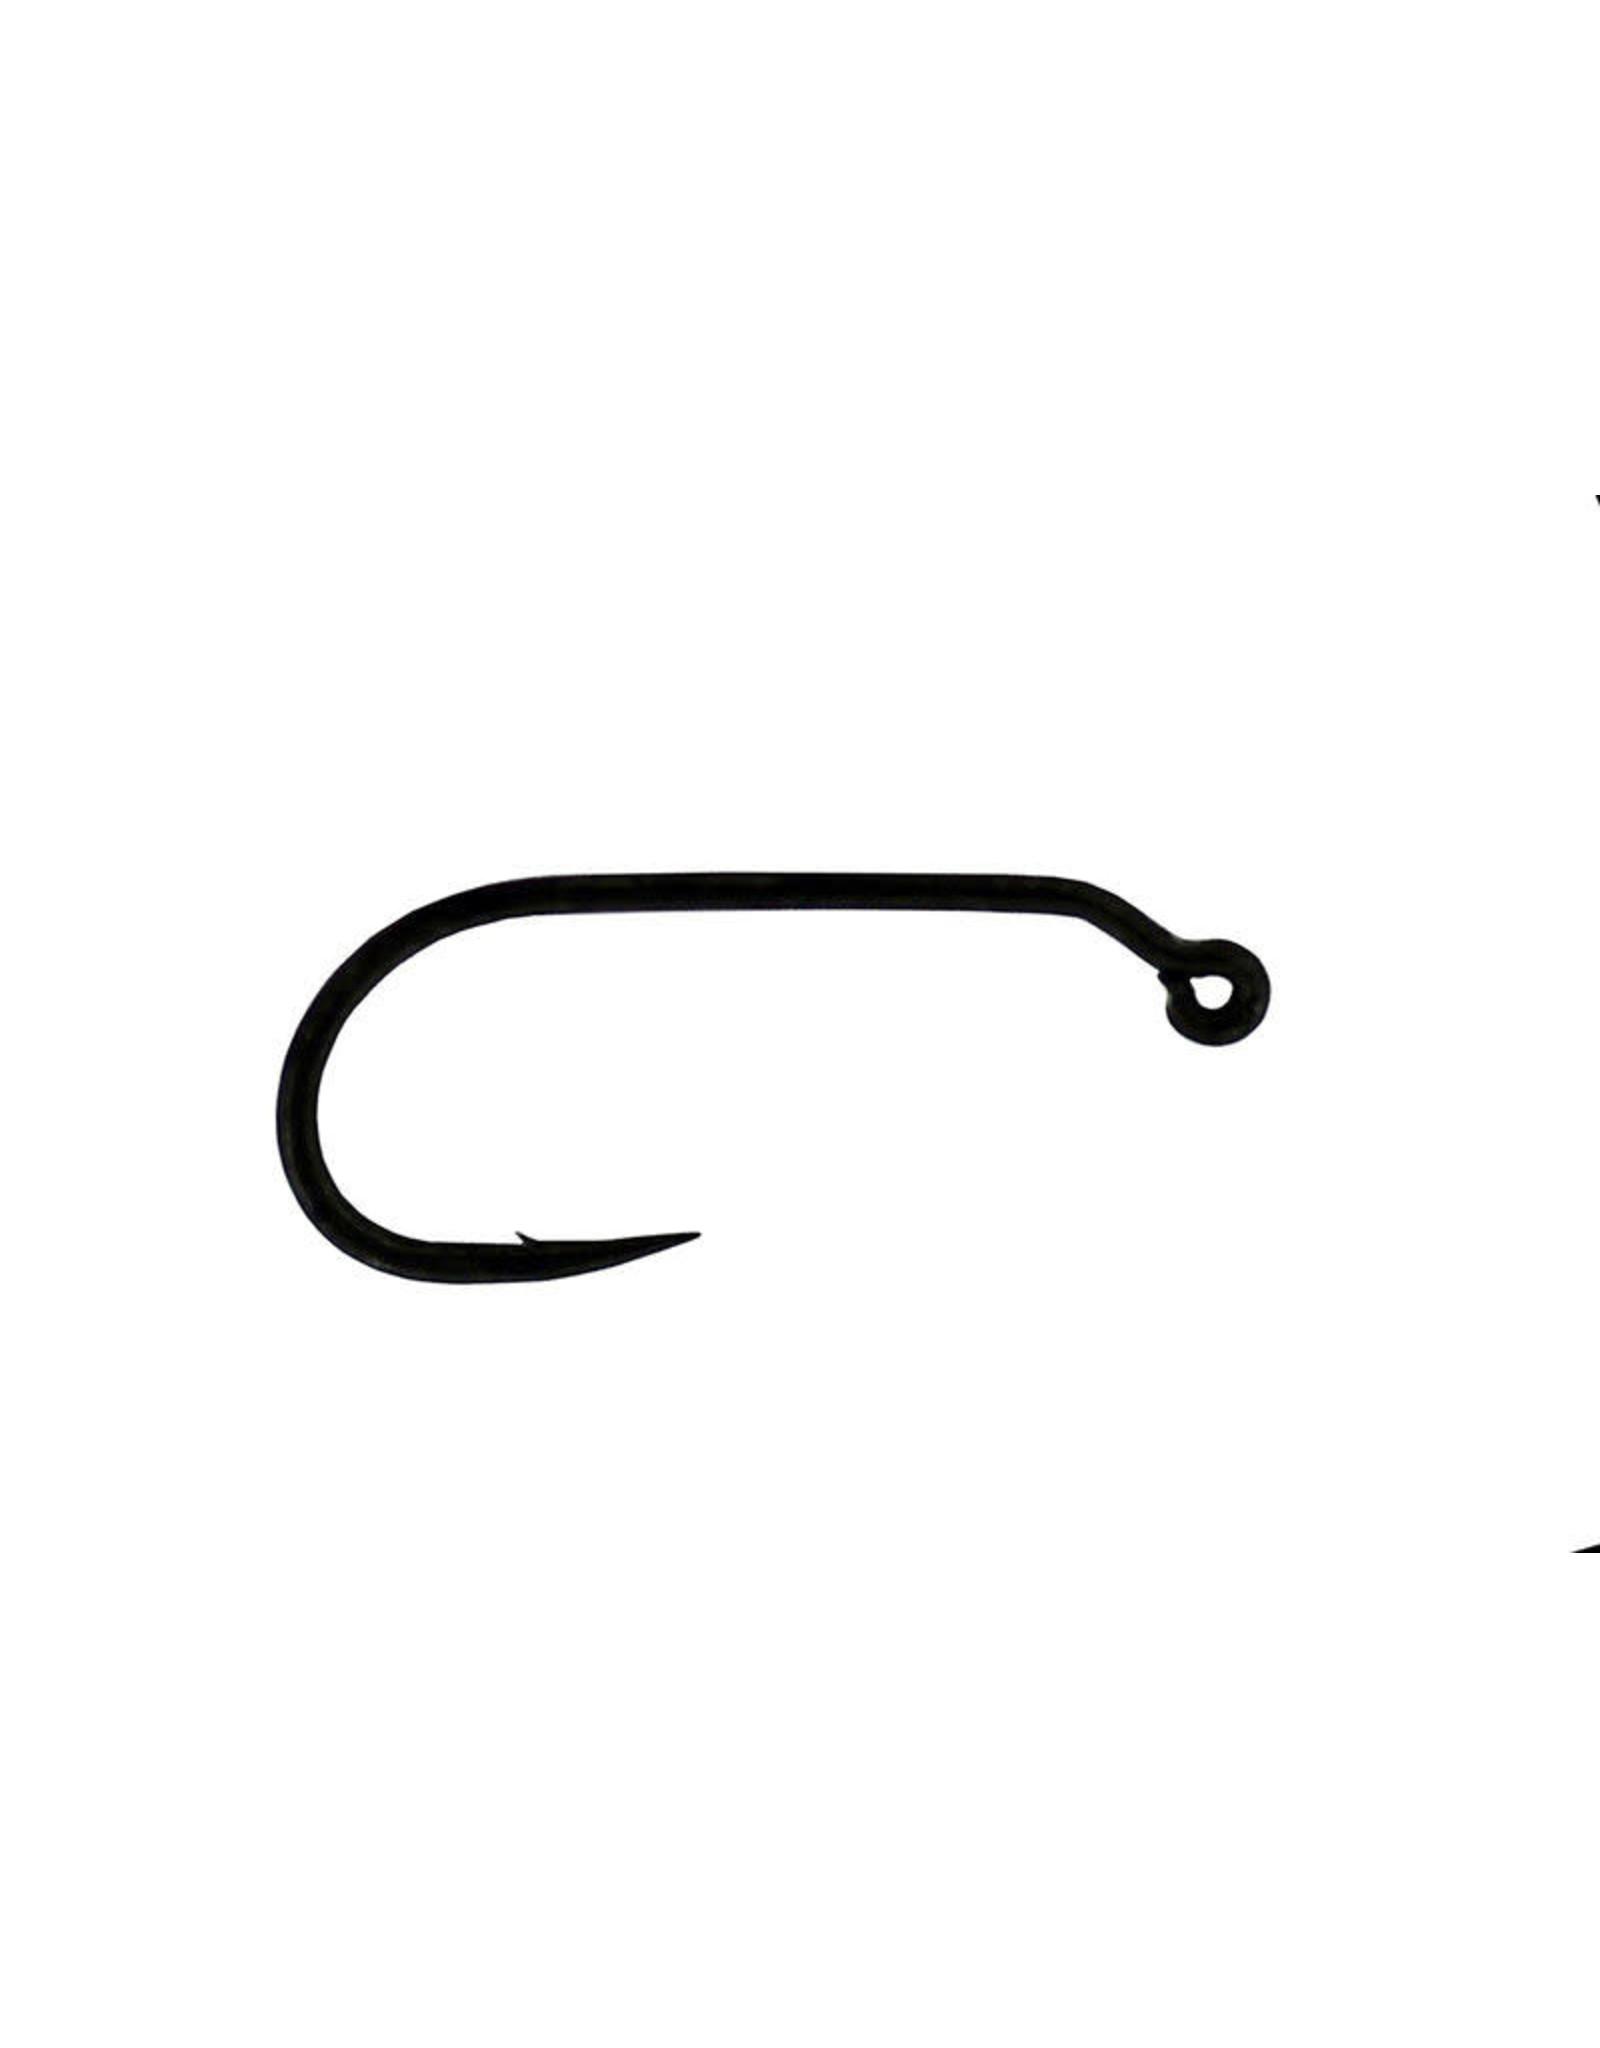 Gamakatsu Gamakatsu J20 Jig Nymph Hook